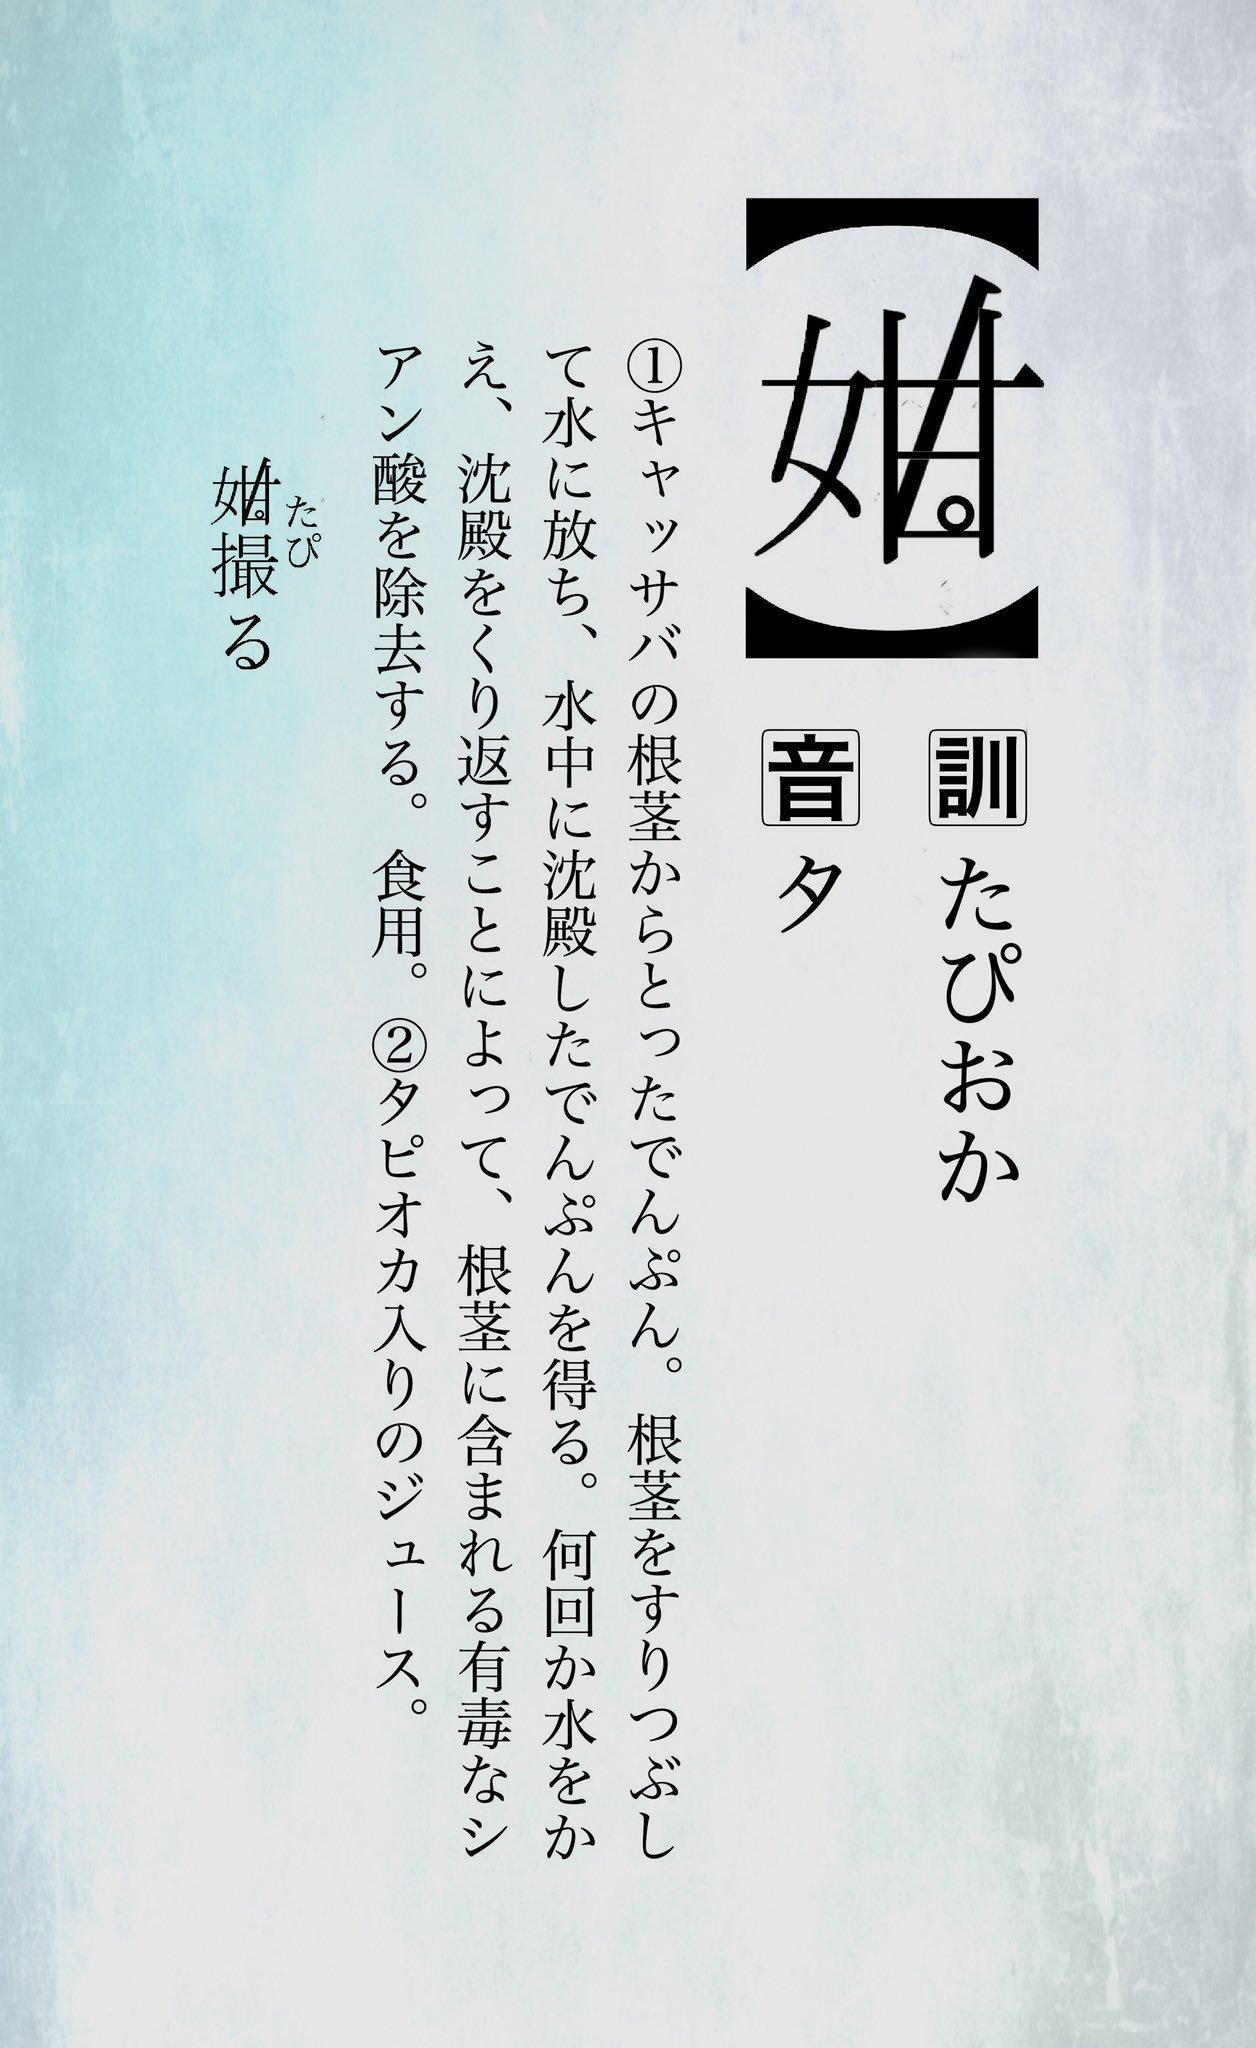 タピオカの創作漢字